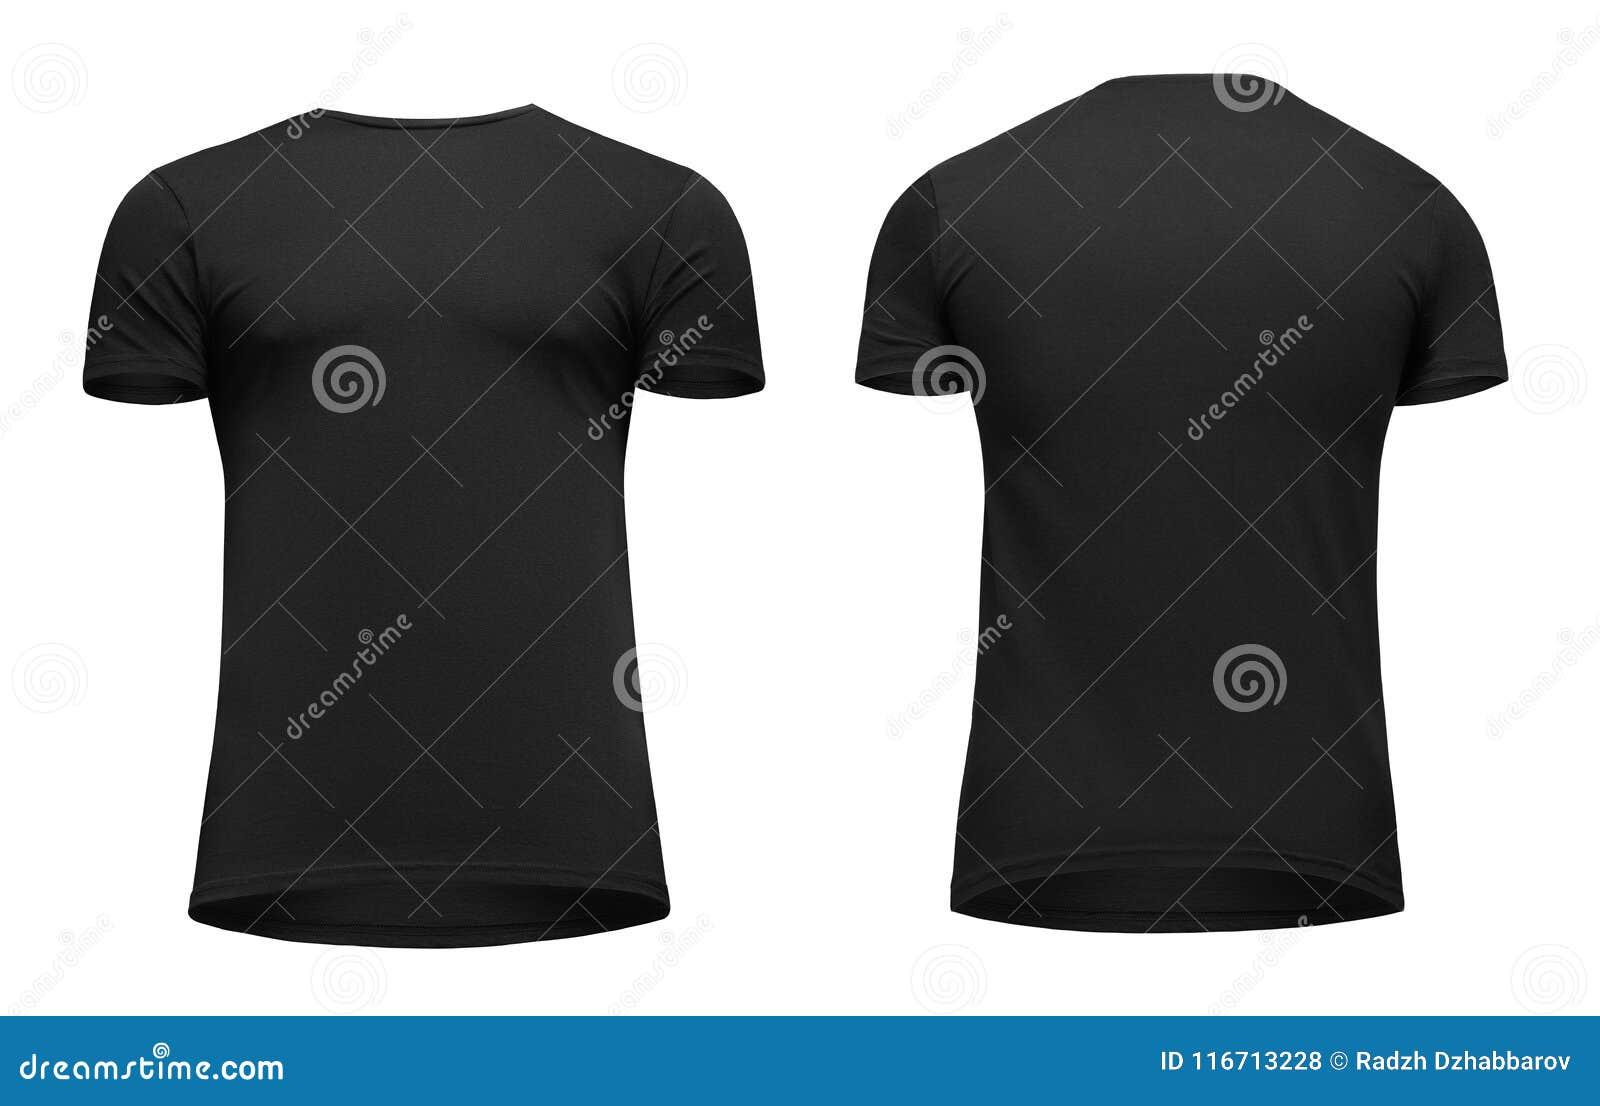 Рукав краткости футболки пустых людей шаблона черный, фронт и задний взгляд вверх ногами, изолированный на белой предпосылке с пу